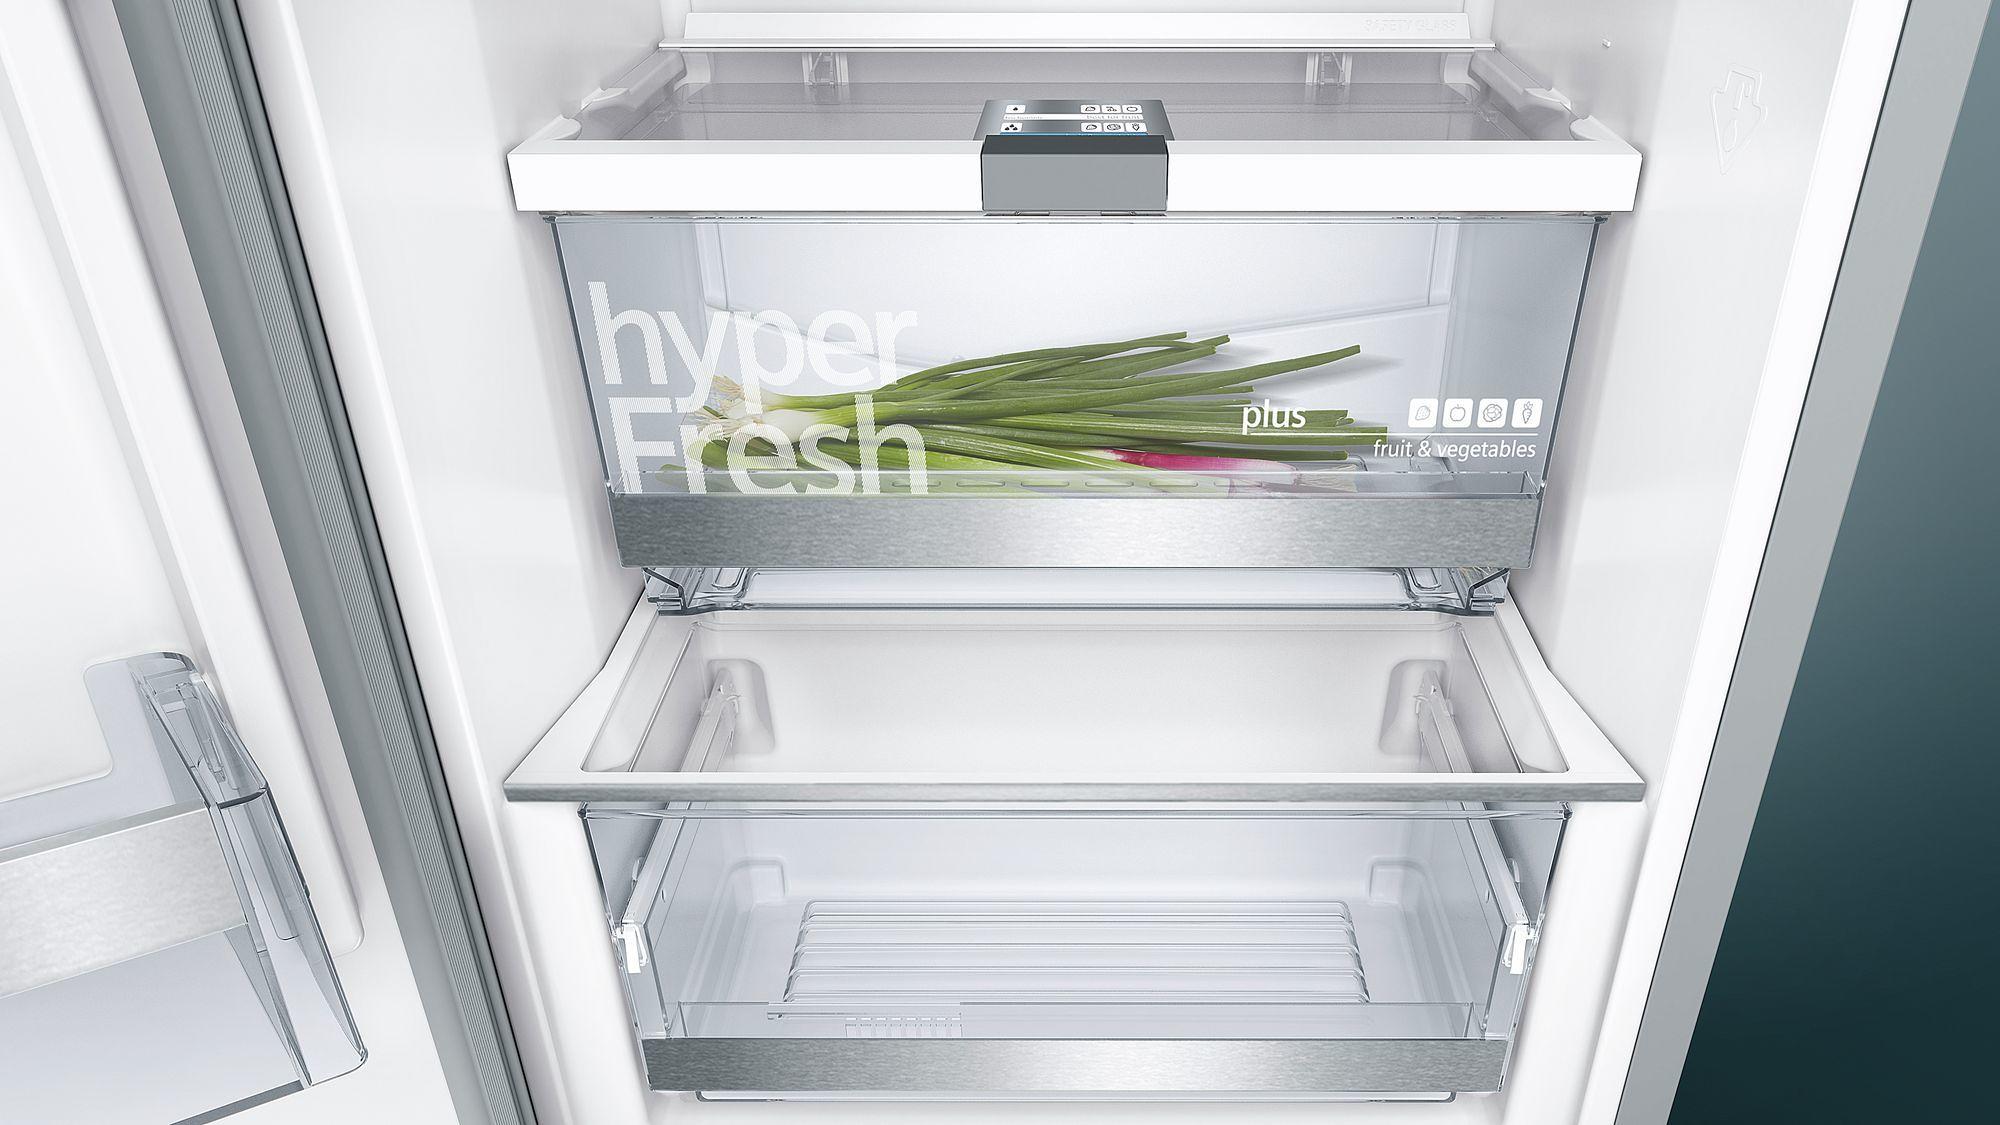 Bomann Kühlschrank Vs 2195 : Bomann vs kühlschrank edelstahl bomann vs im test u a kühlschrank